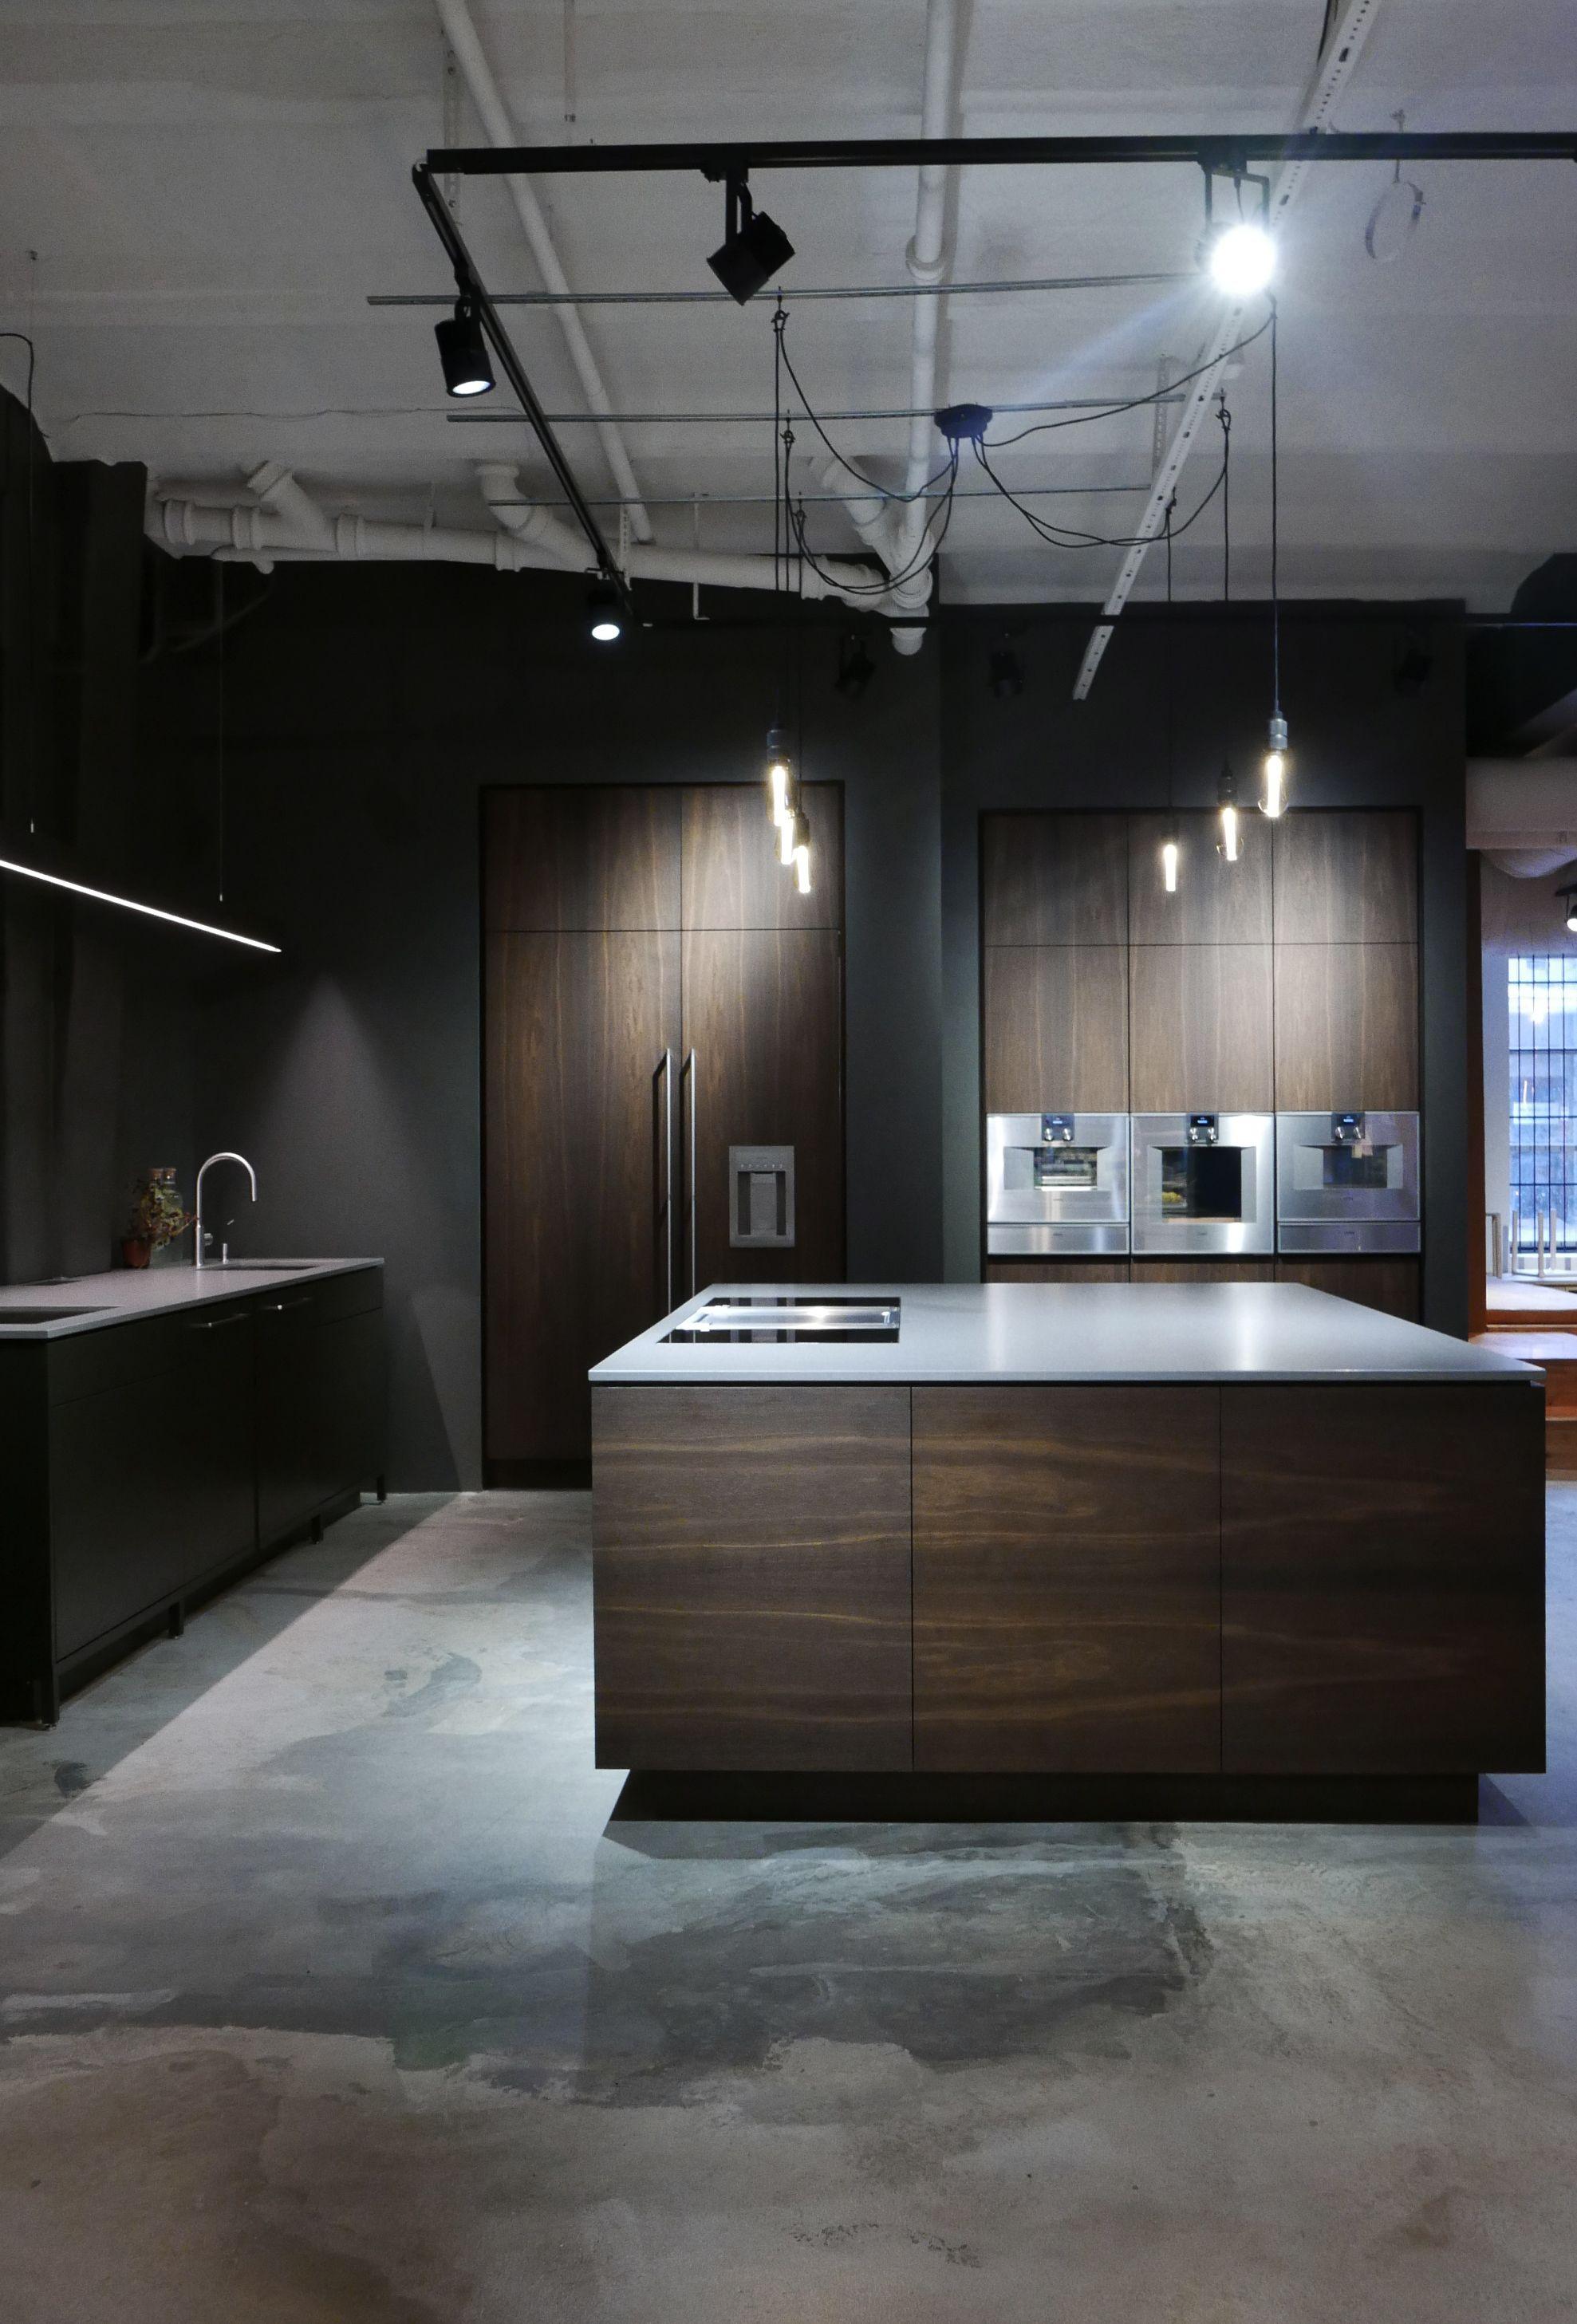 Hamran kitchen extraordinary kitchens from norway kitchen